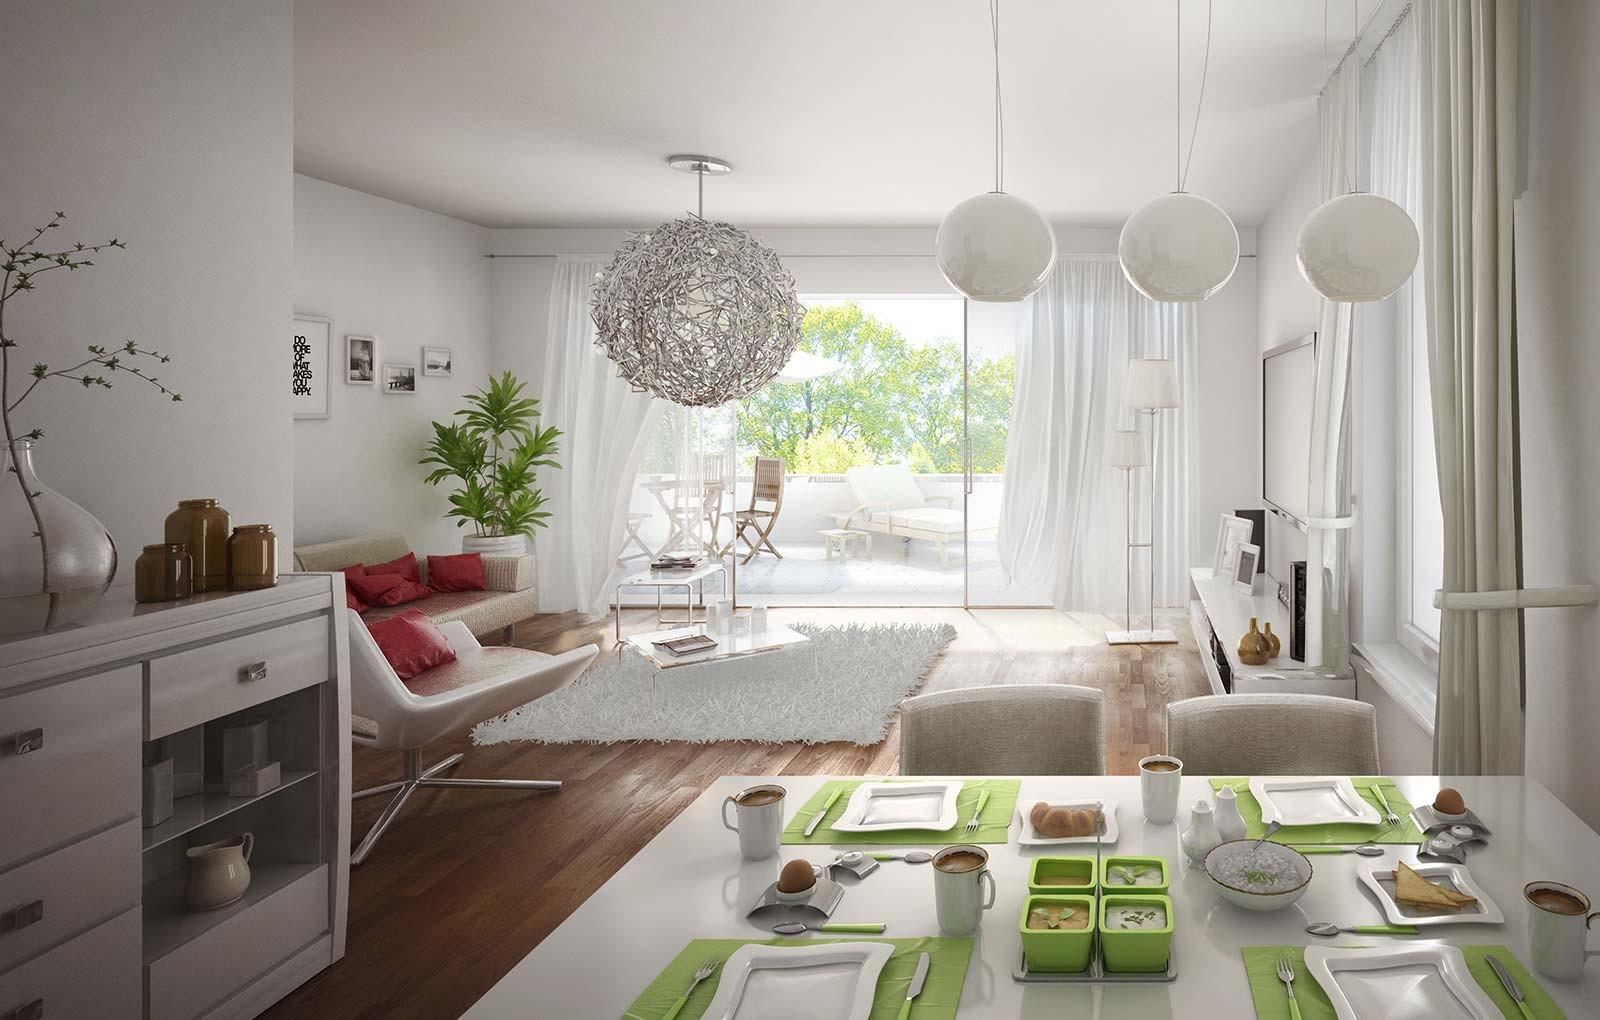 Wohnzimmer Loft - Architekturvisualisierung Innenraum